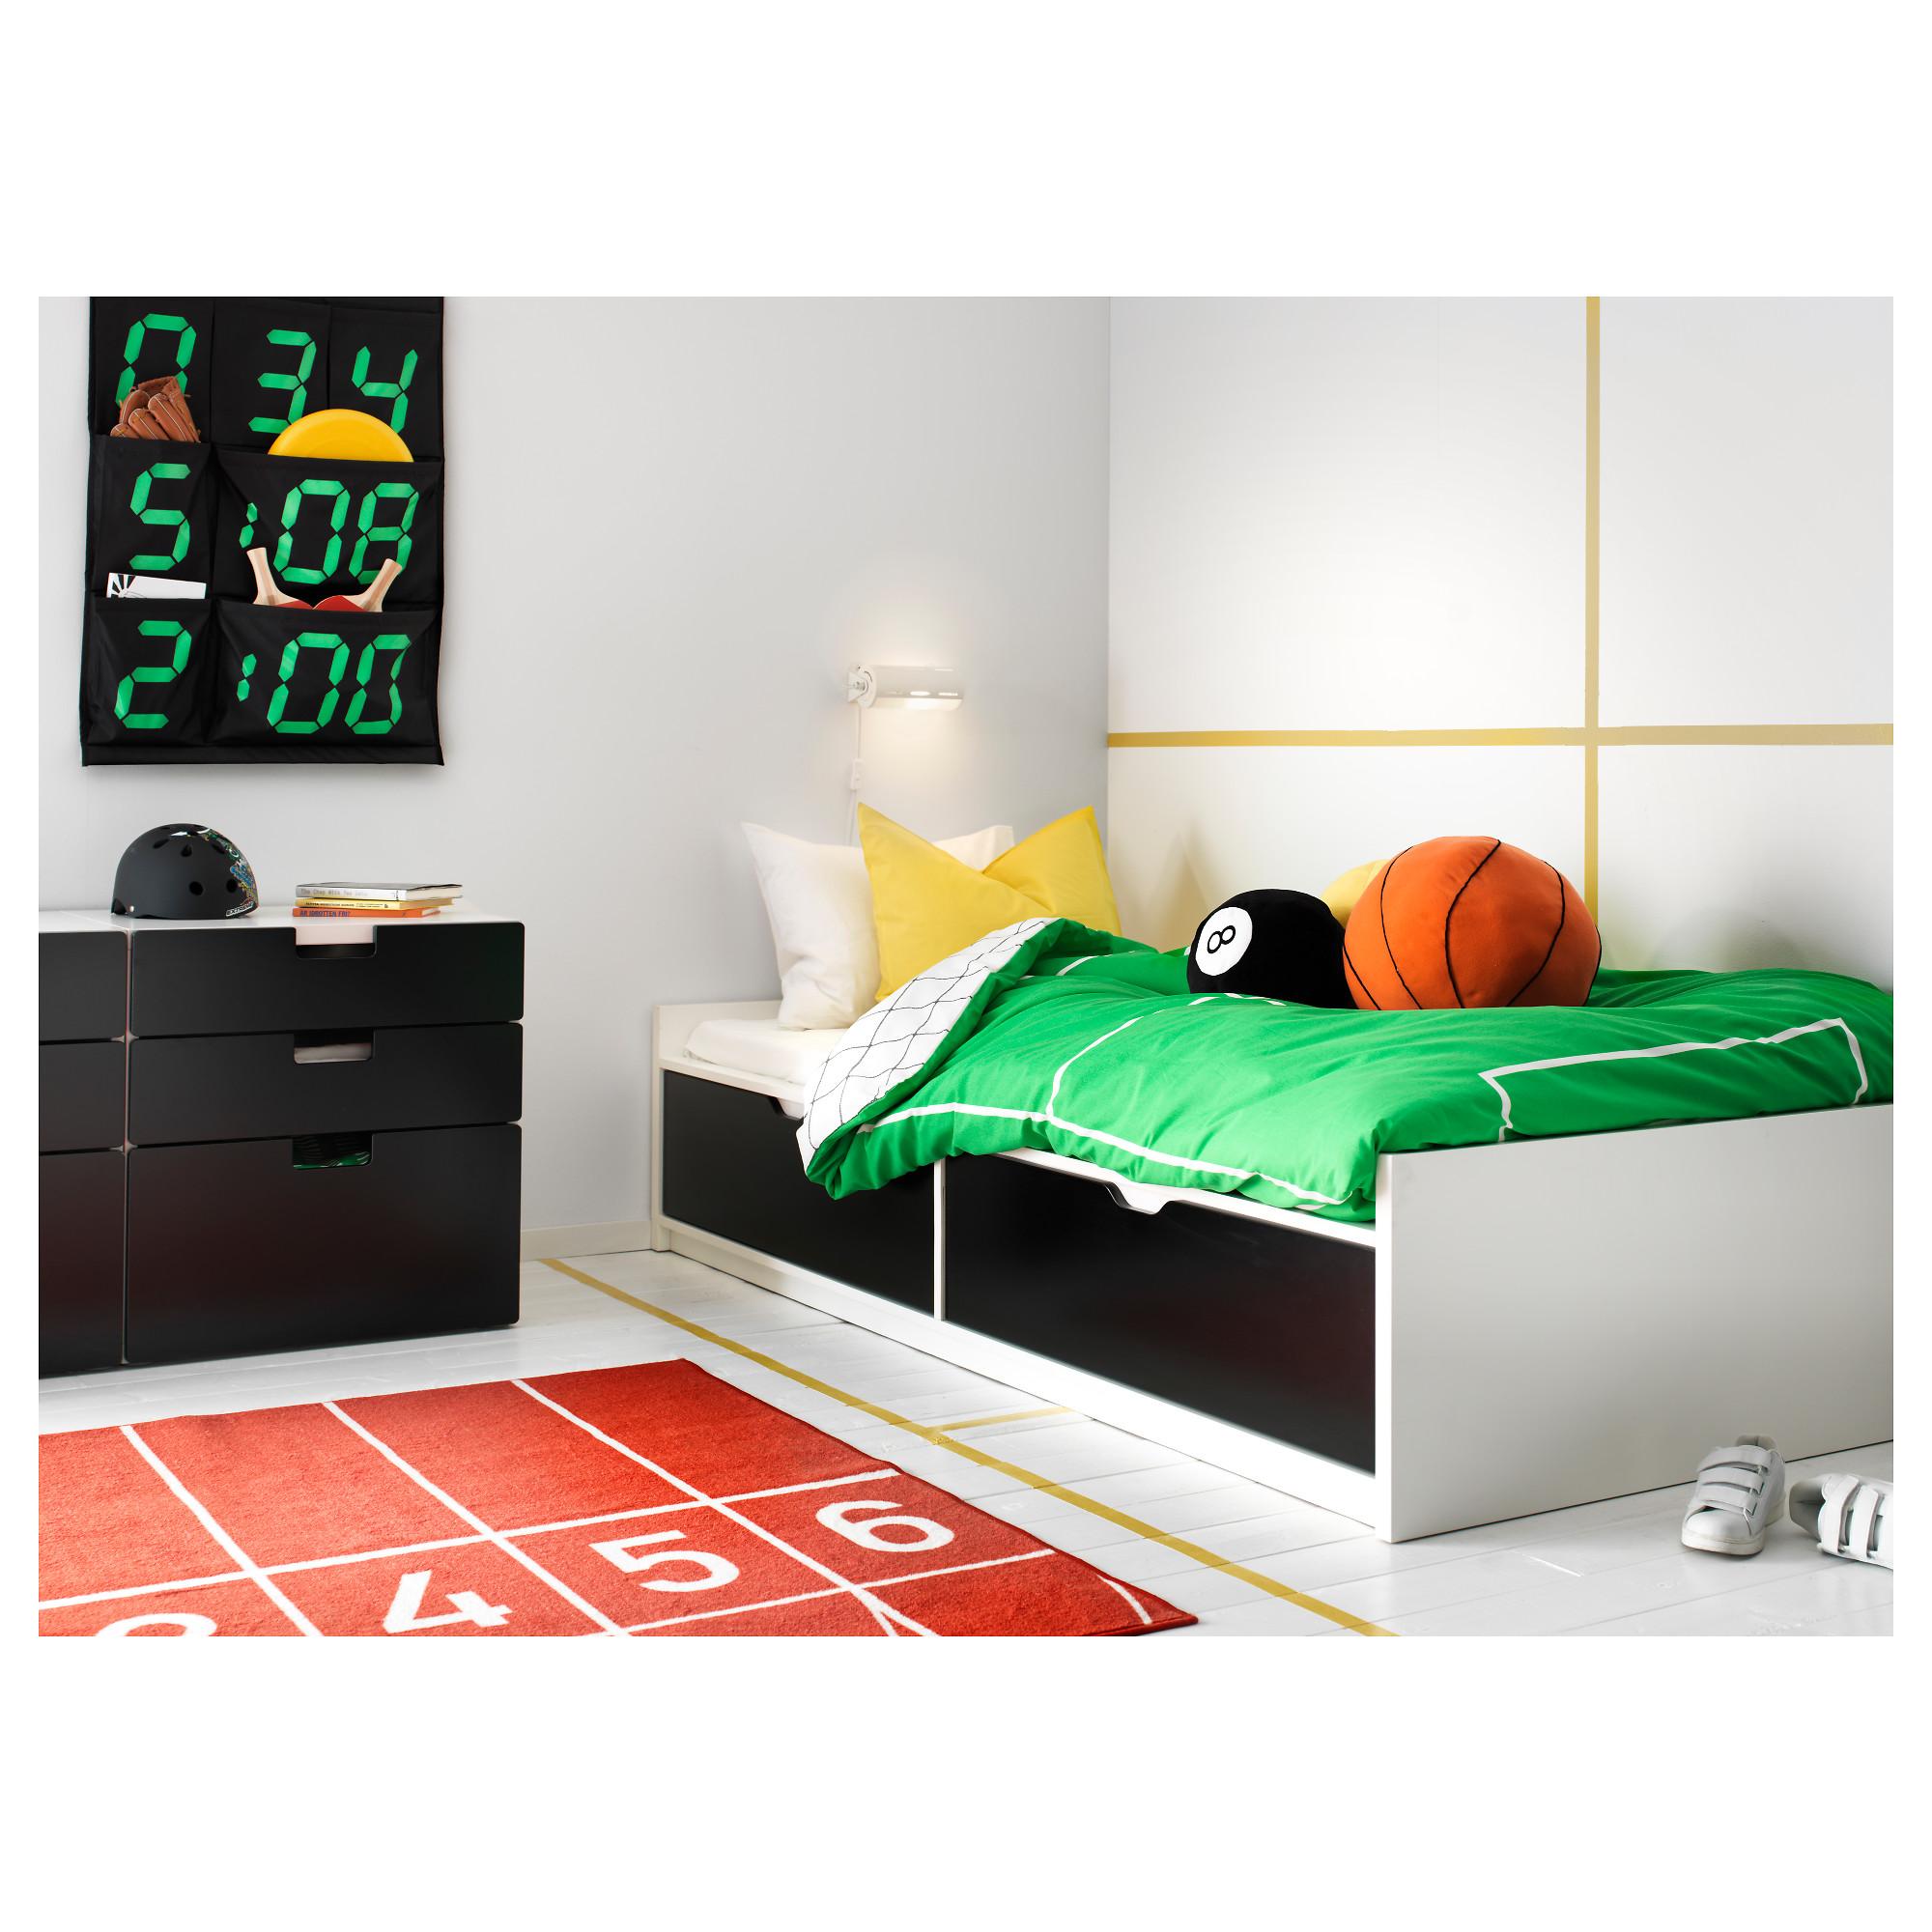 Кровать флакса икеа фото в интерьере